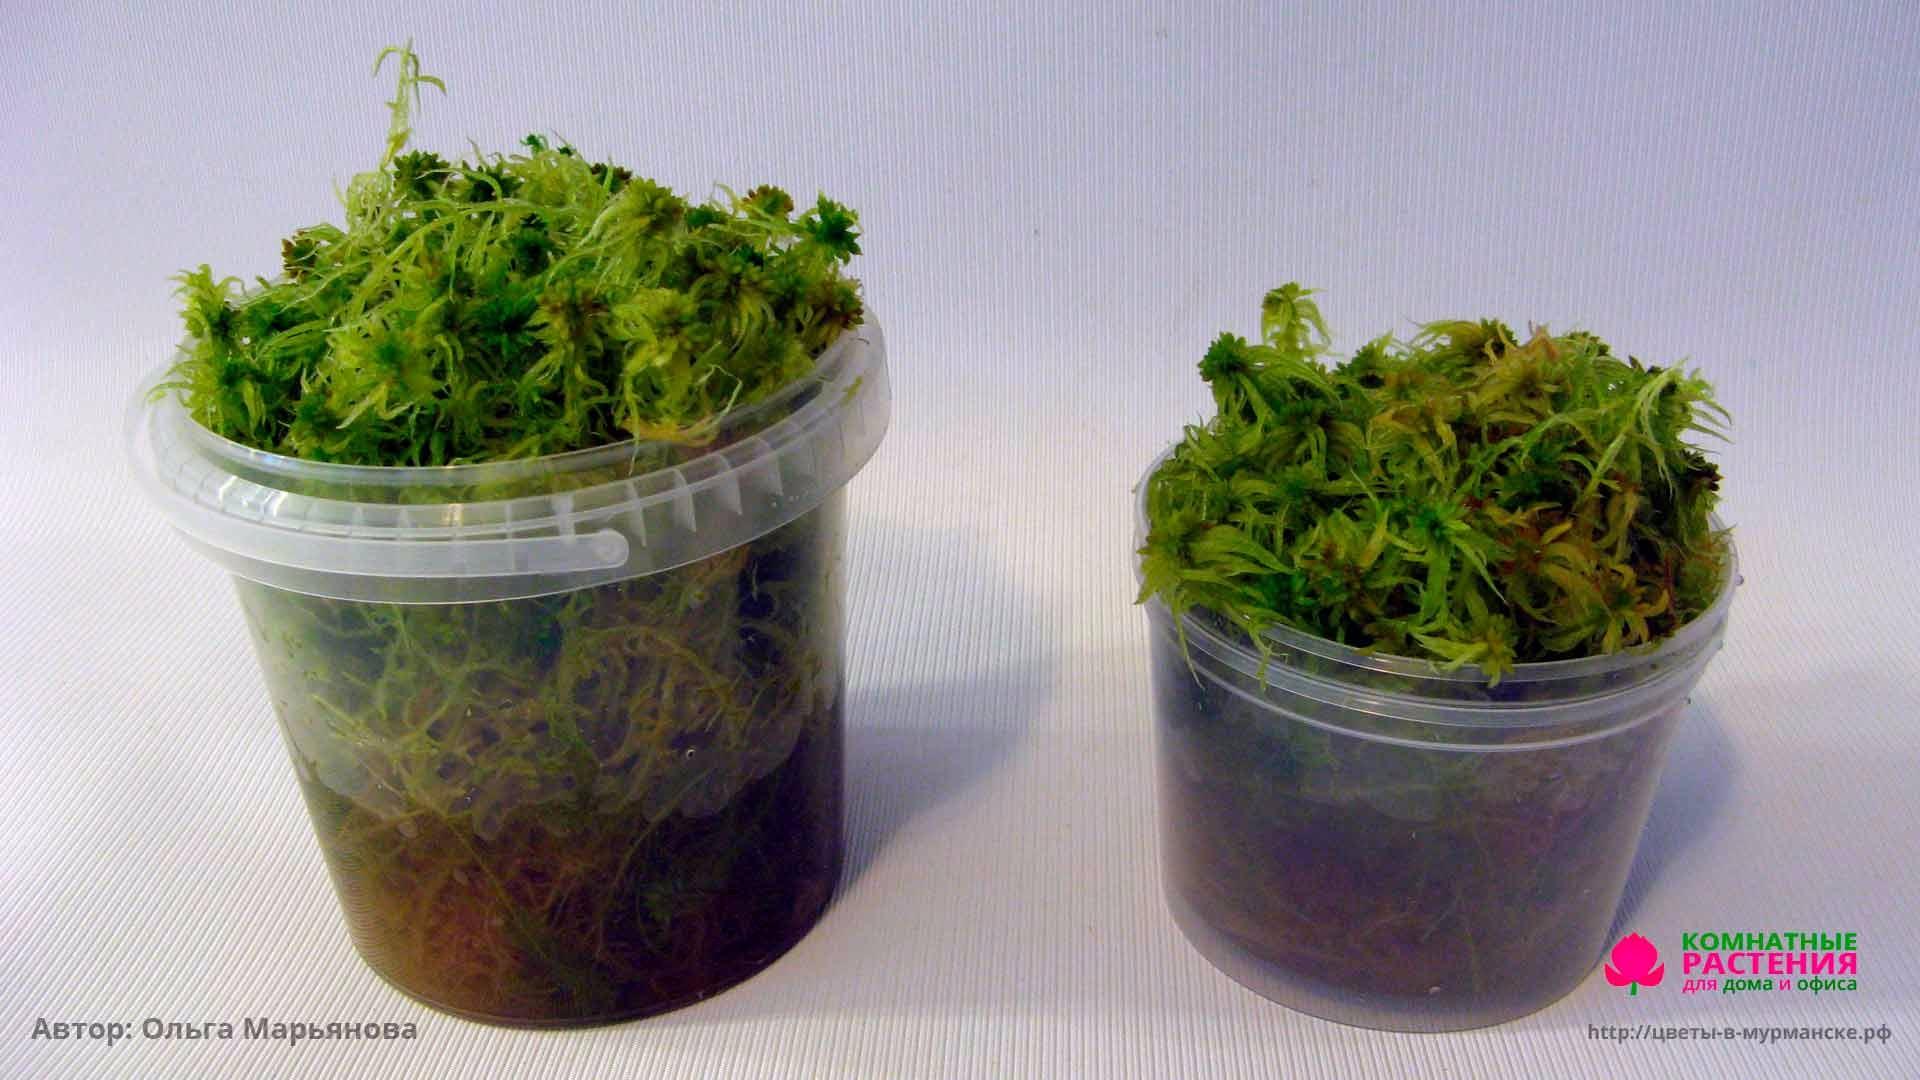 Как правильно применять мох сфагнум в домашнем цветоводстве. мох. общая характеристика мхов.